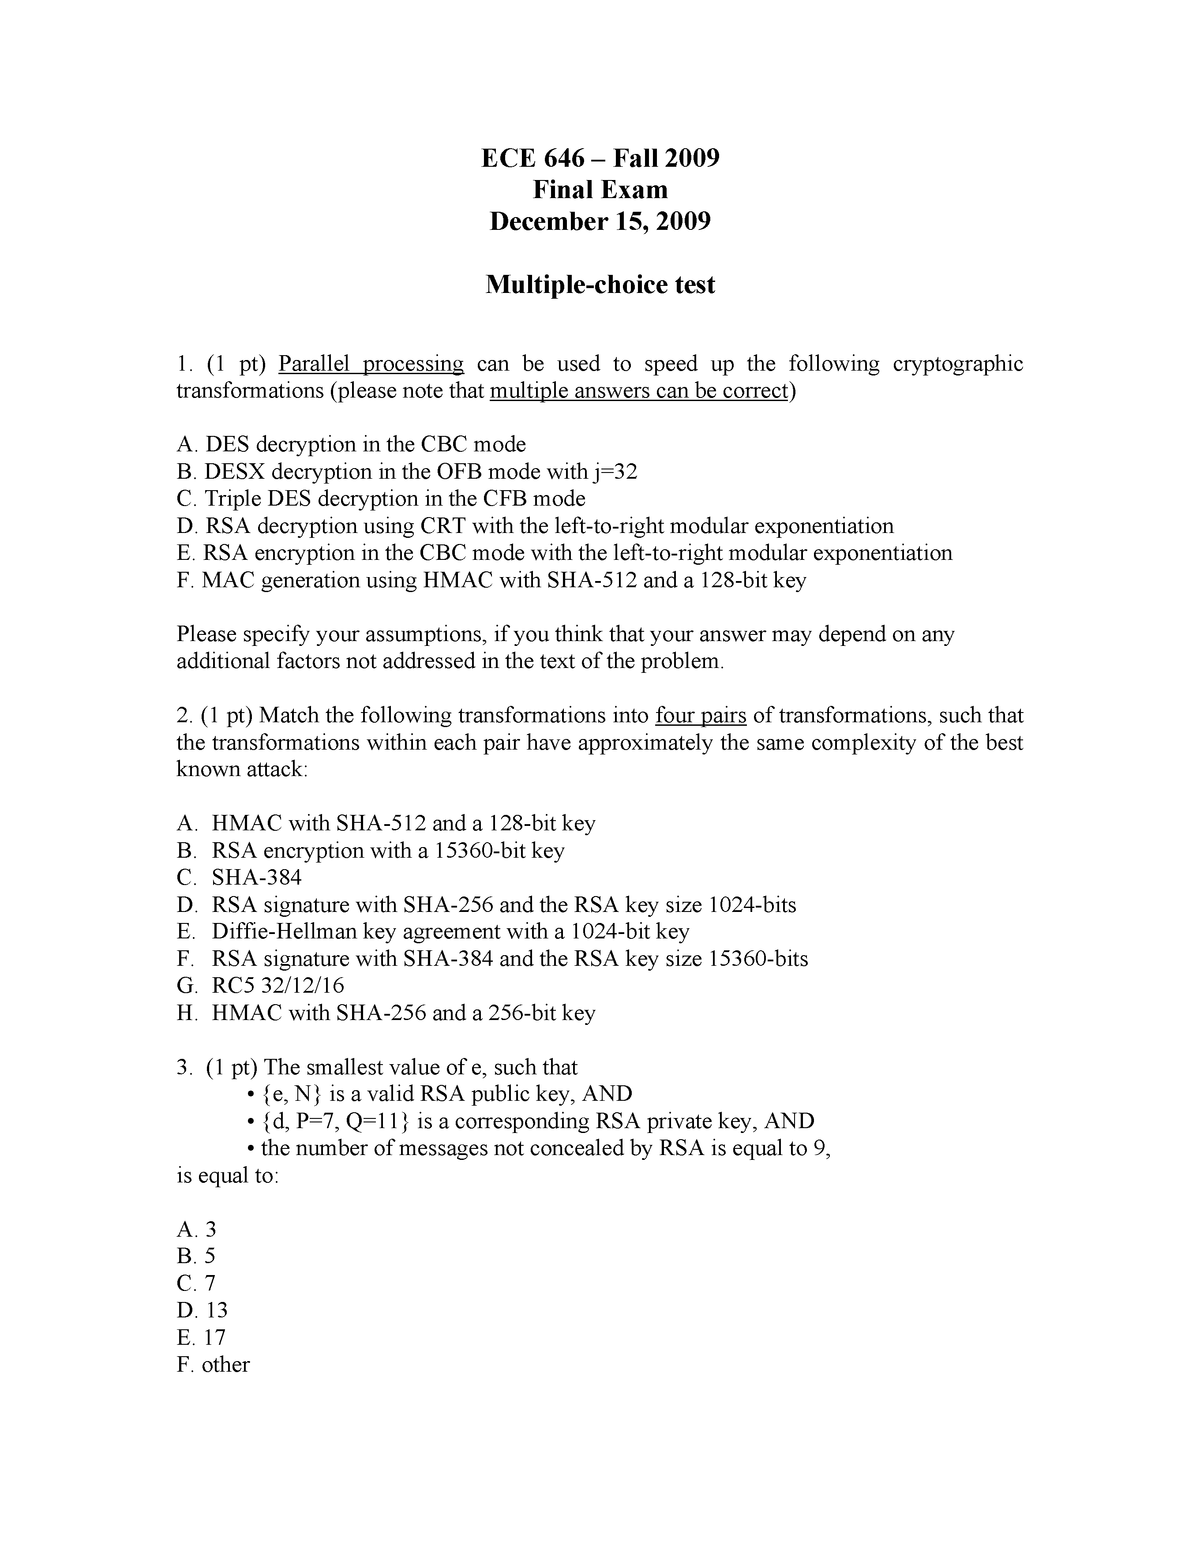 Exam December 15 Fall 2009, questions - ECE 646 - GMU - StuDocu